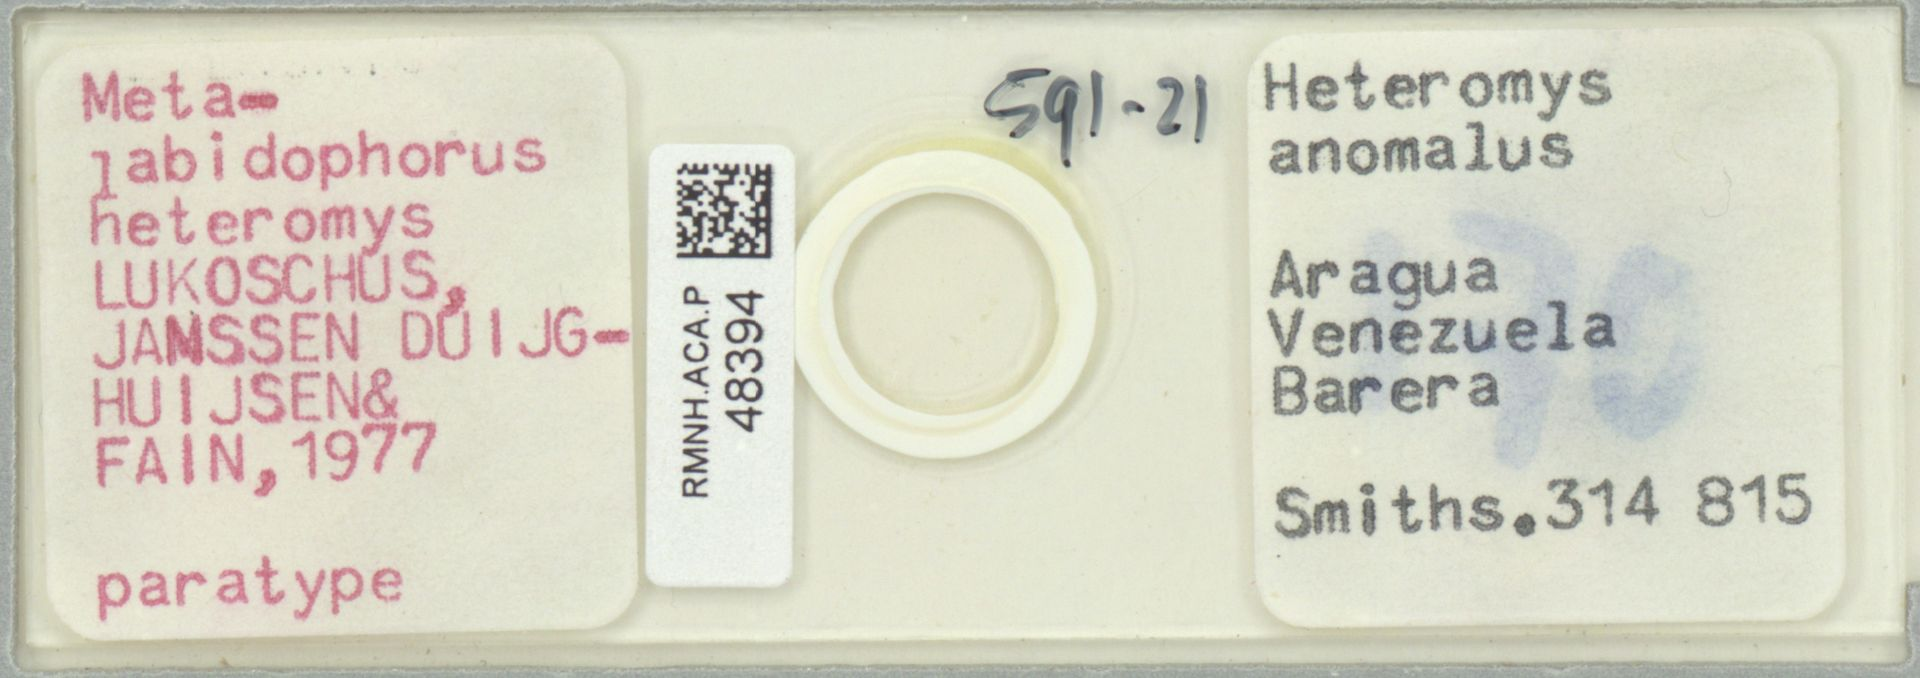 RMNH.ACA.P.48394   Metalabidophorus heteromys Lukoschus, Janssen Duijghuisen & Fain, 1977